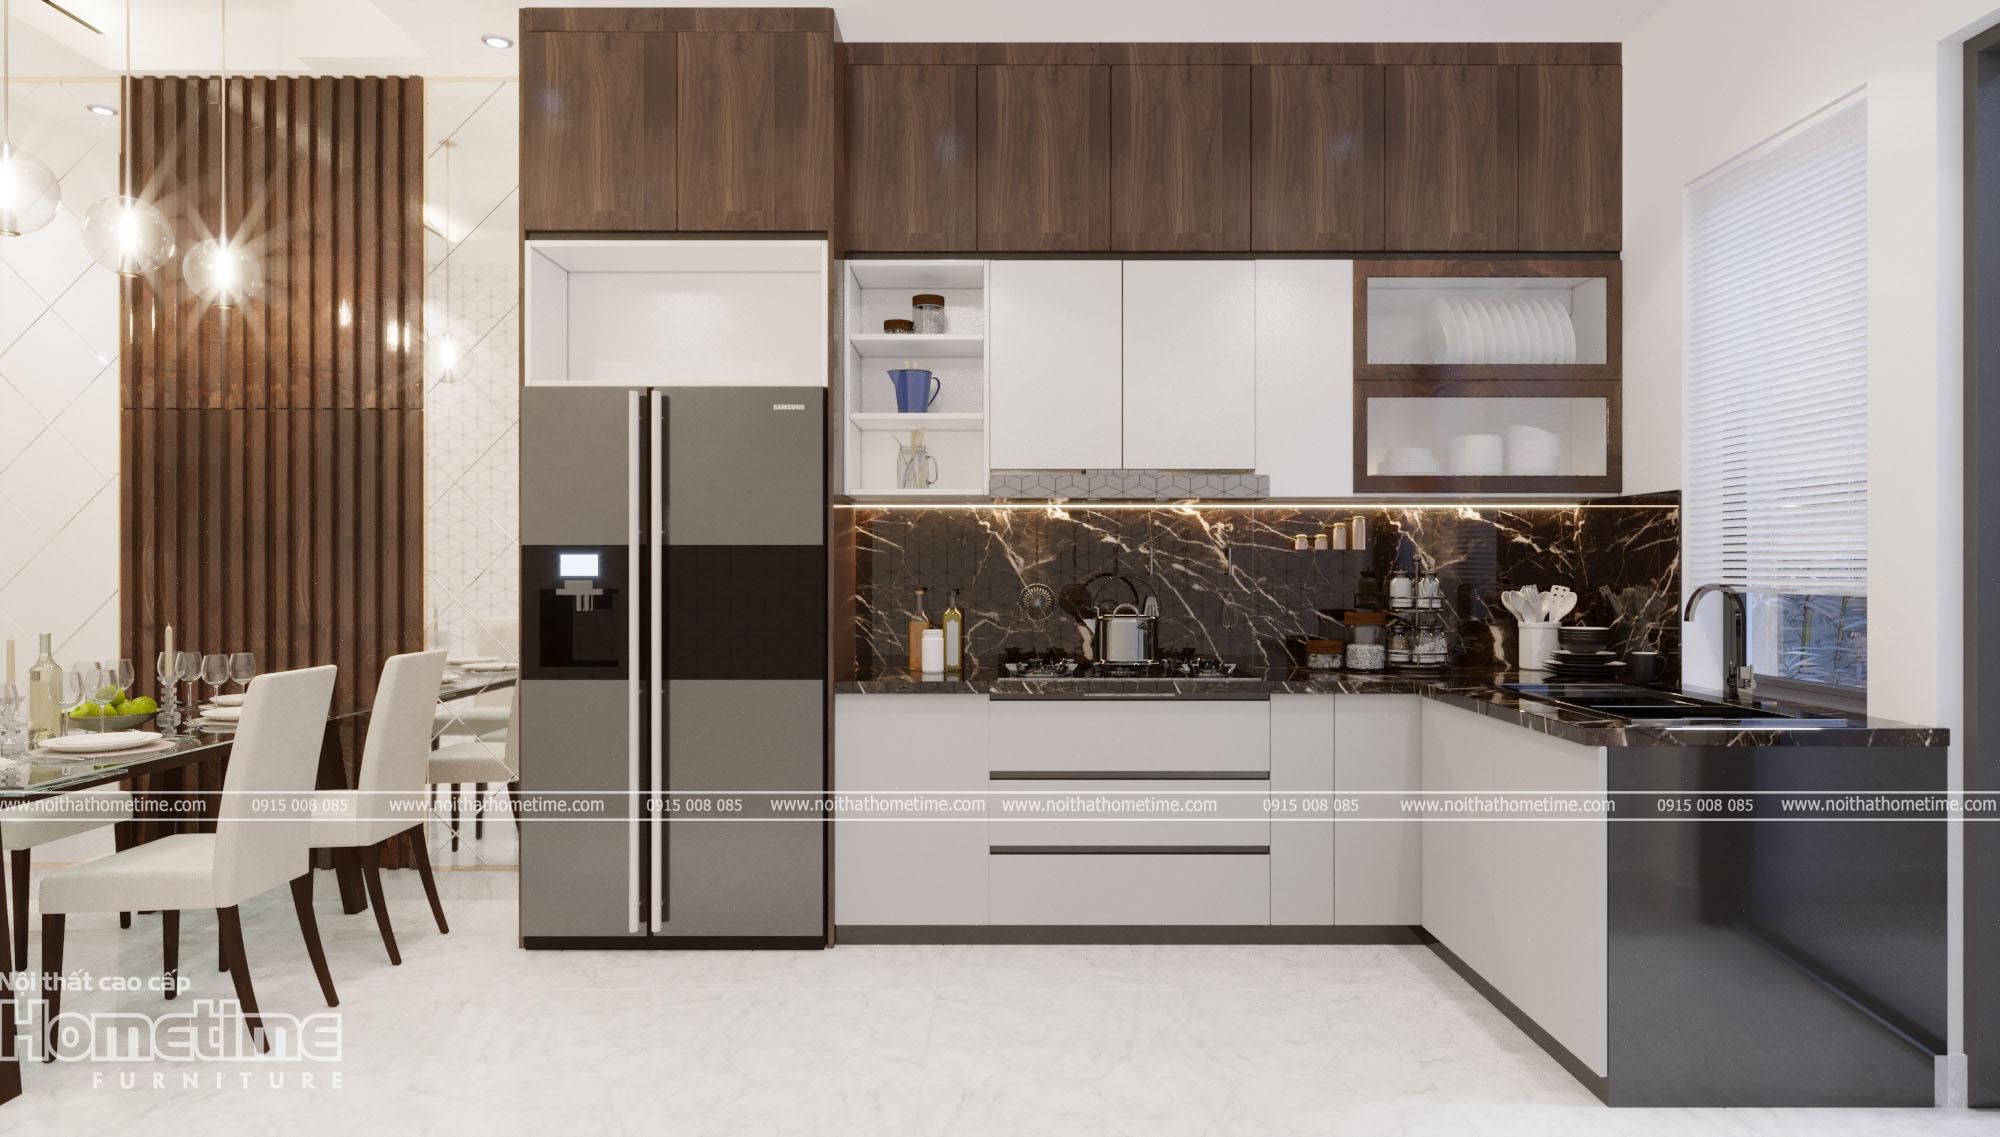 Tủ bếp với kiểu dáng hình chữ L hiện đại